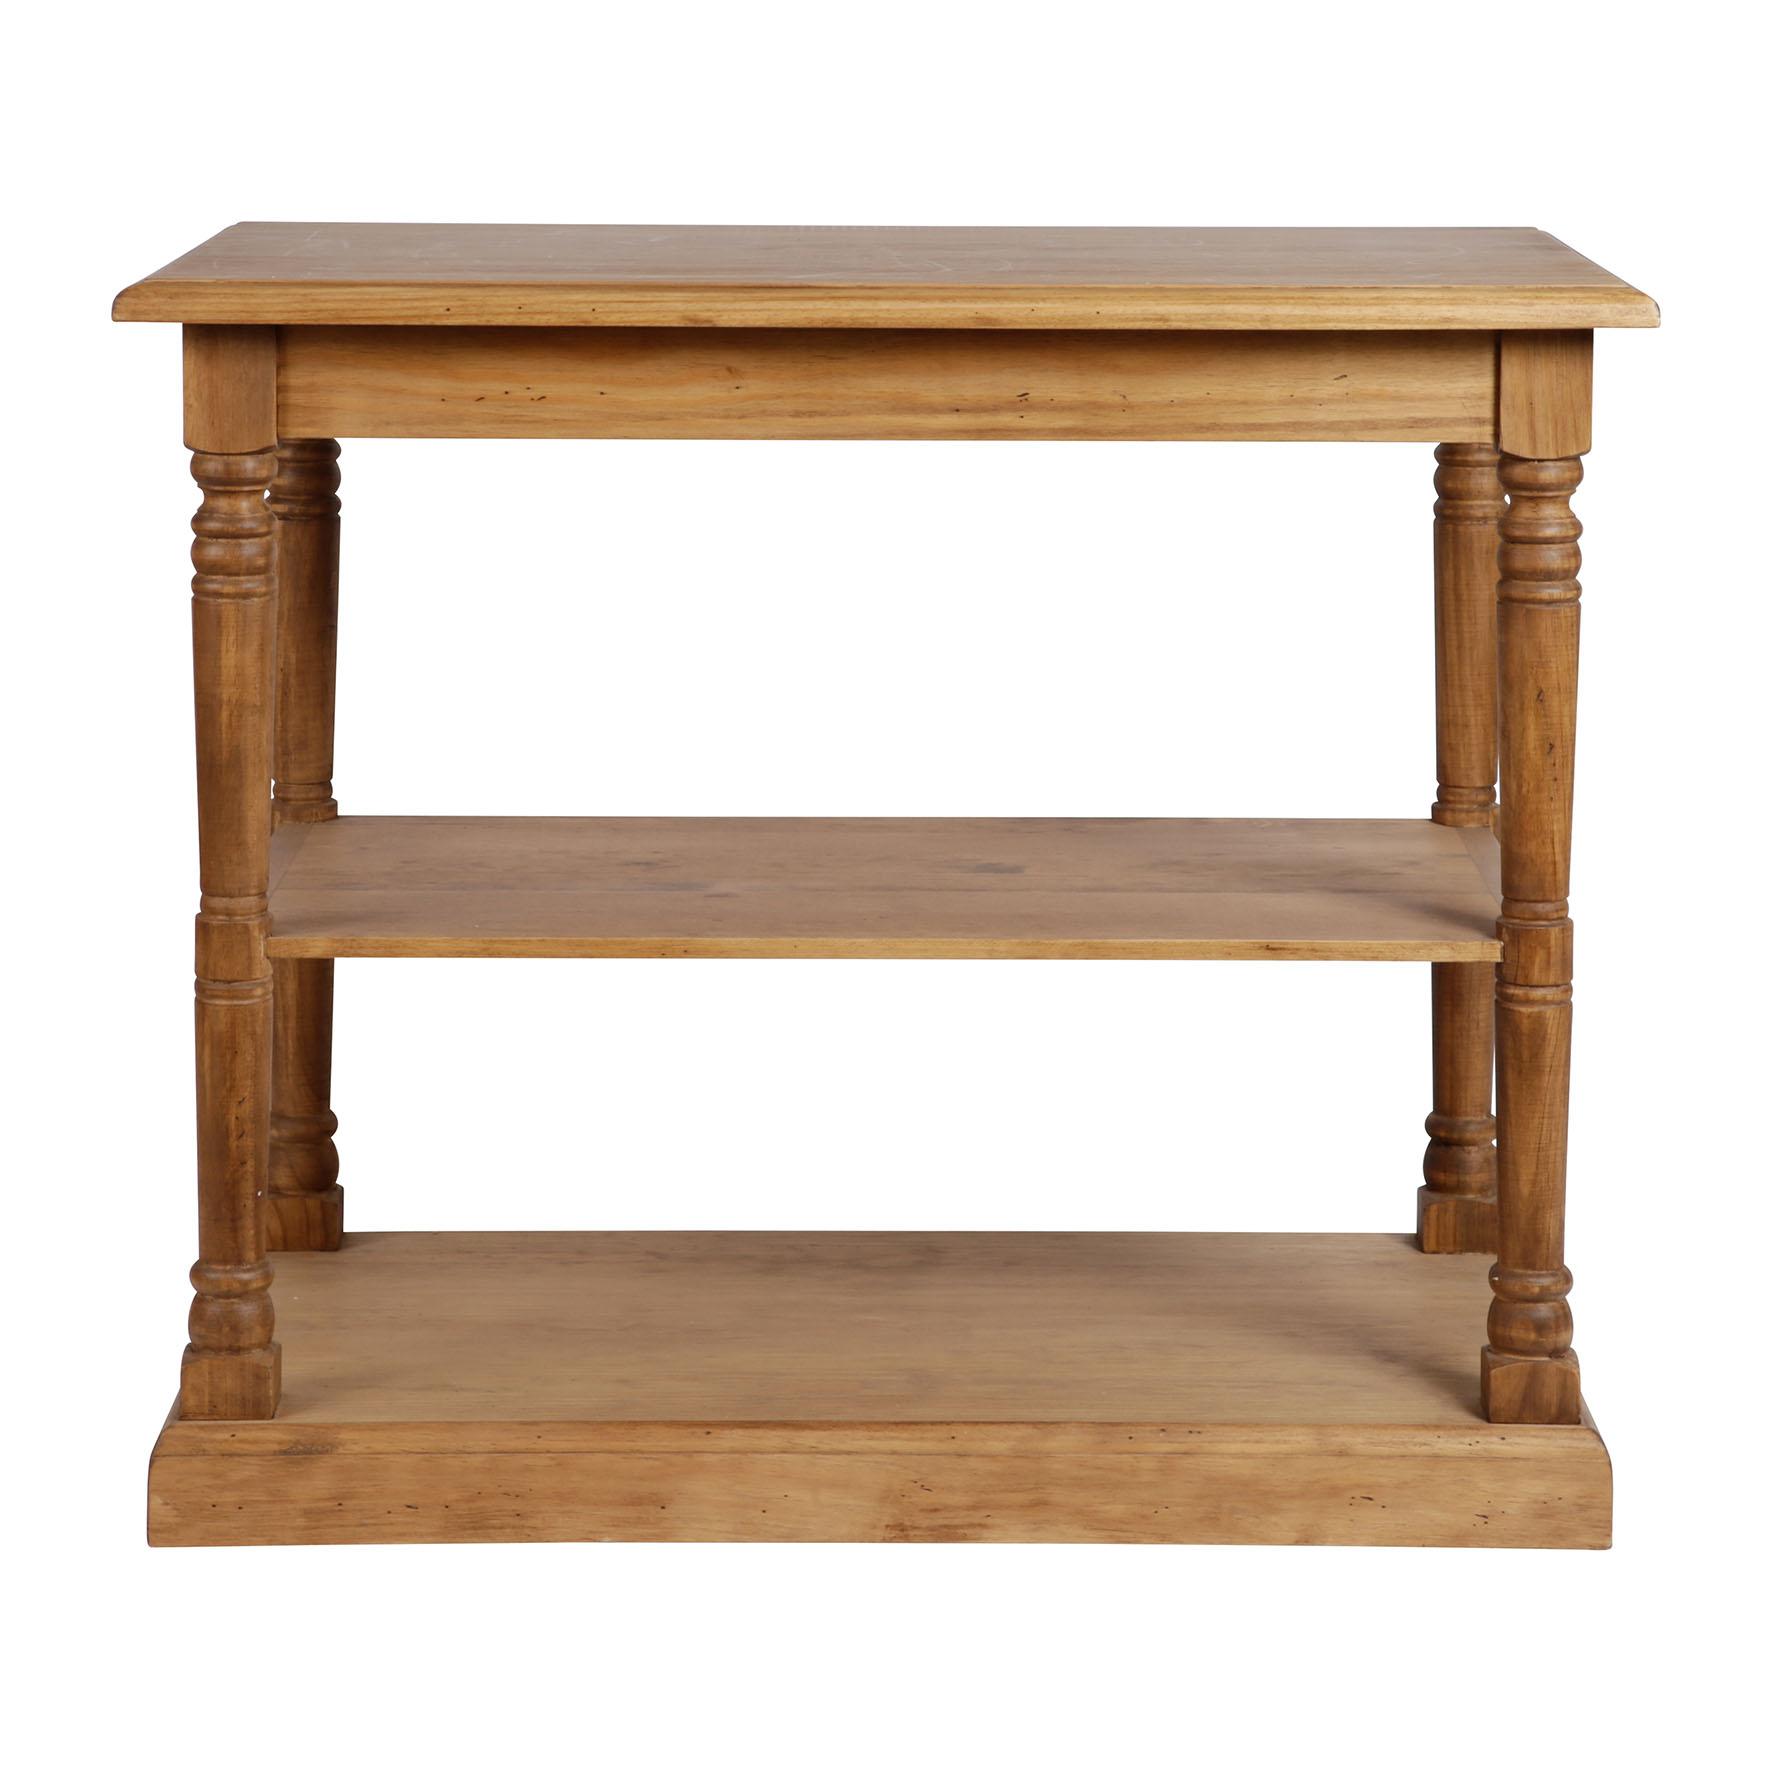 meuble vasque terroir comptoir de famille meubles salle de bain style campagne. Black Bedroom Furniture Sets. Home Design Ideas